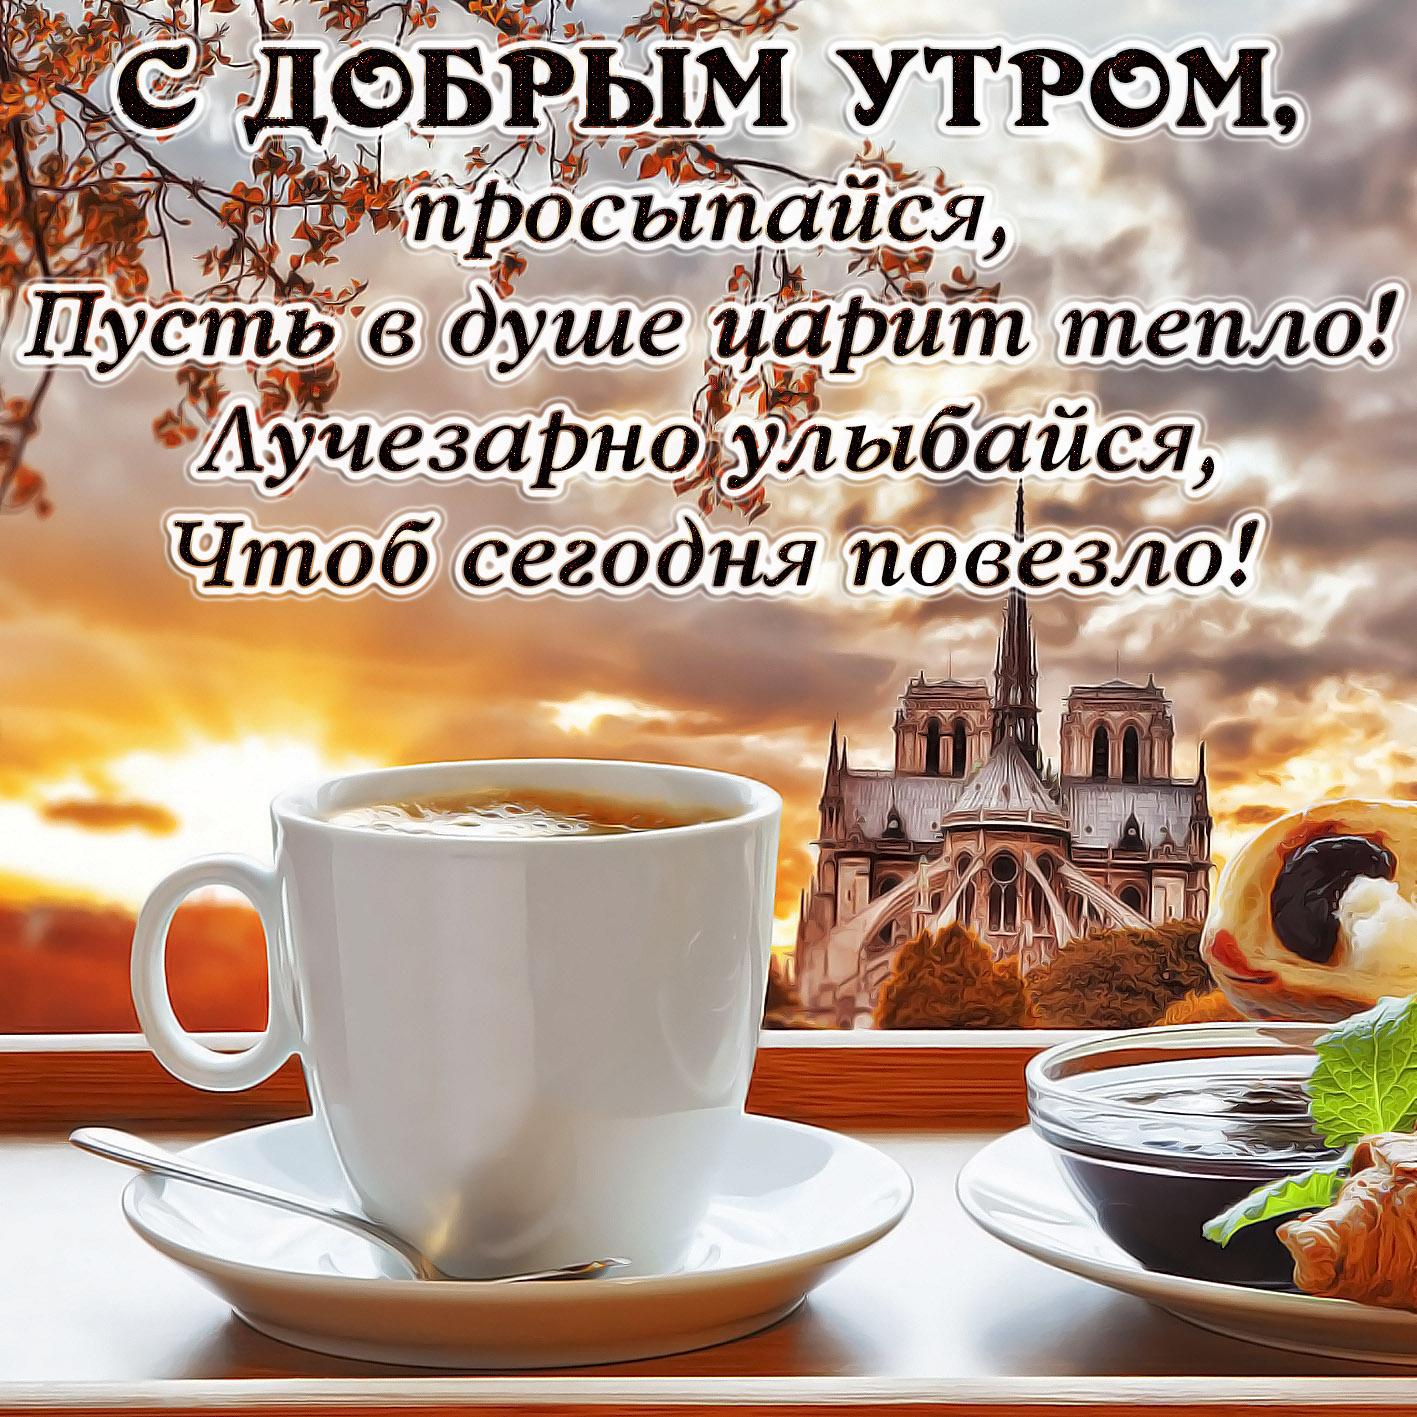 открытки с добрым утром и добрыми пожеланиями целях